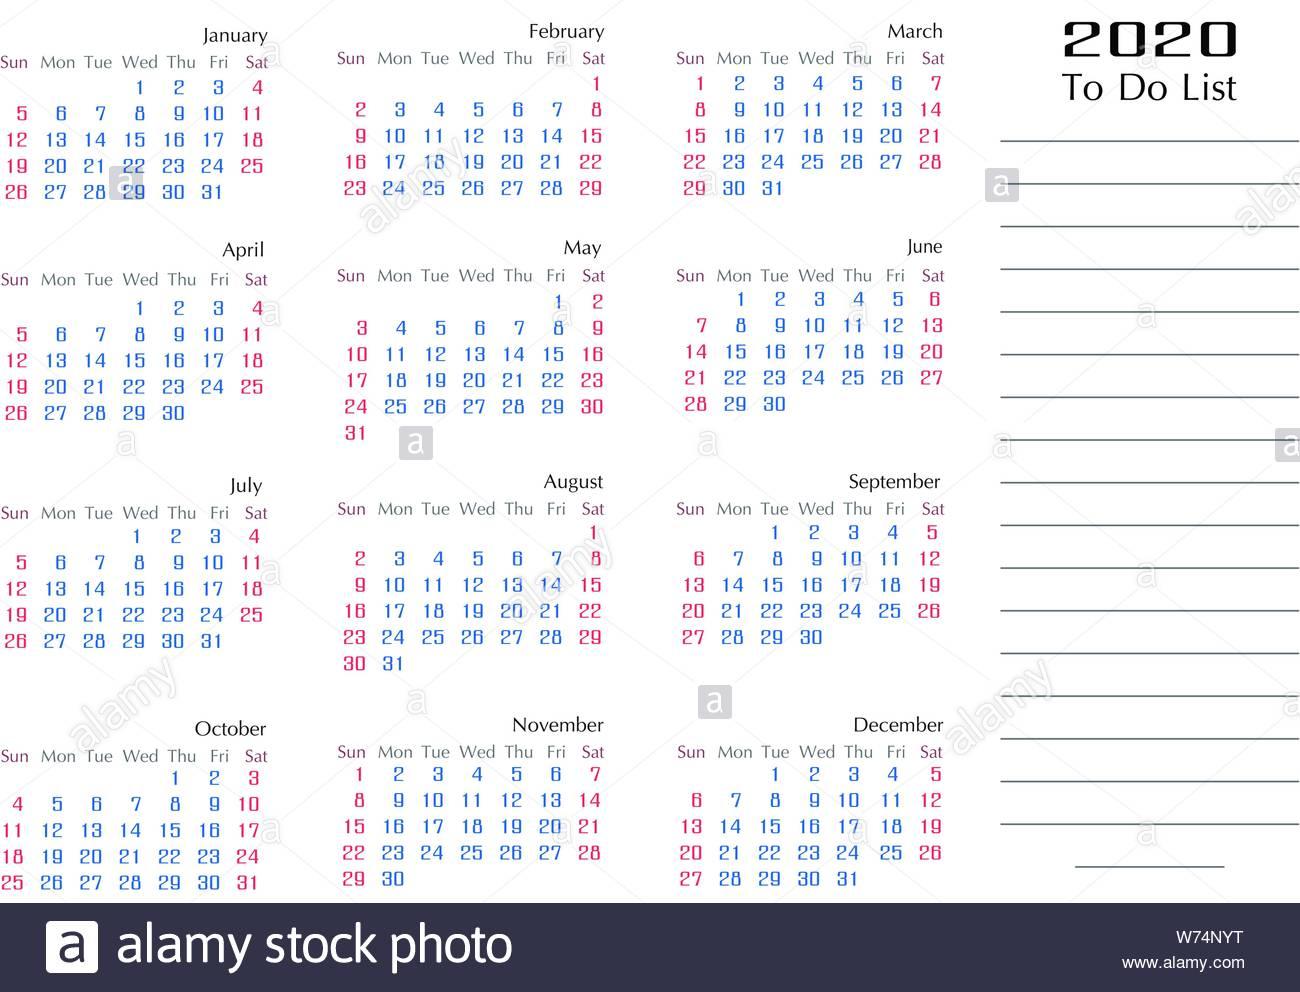 [最も気に入った] 2020 Calendar  無料の印刷可能なイラスト素材 with Asd Doha Calendar